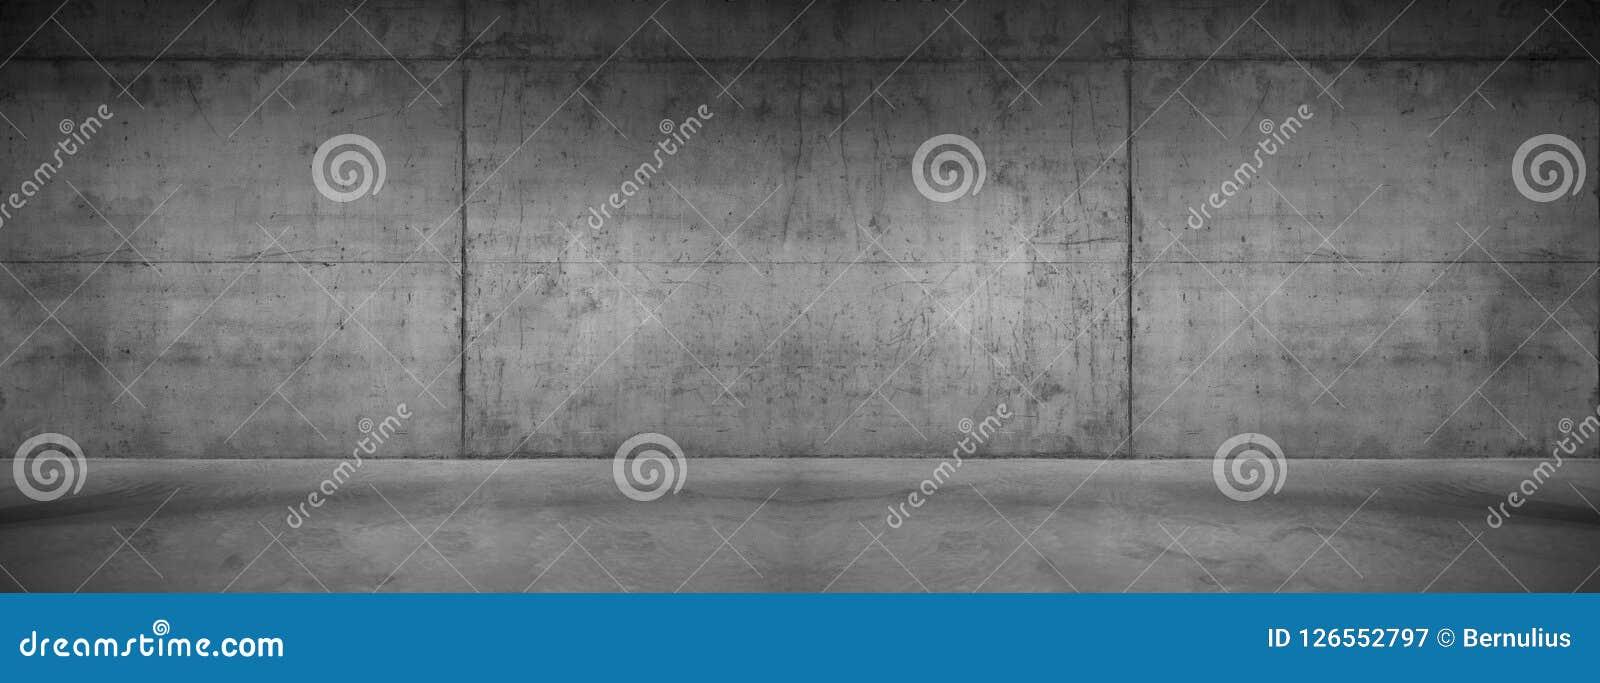 Ampia struttura moderna del fondo di panorama scuro del muro di cemento